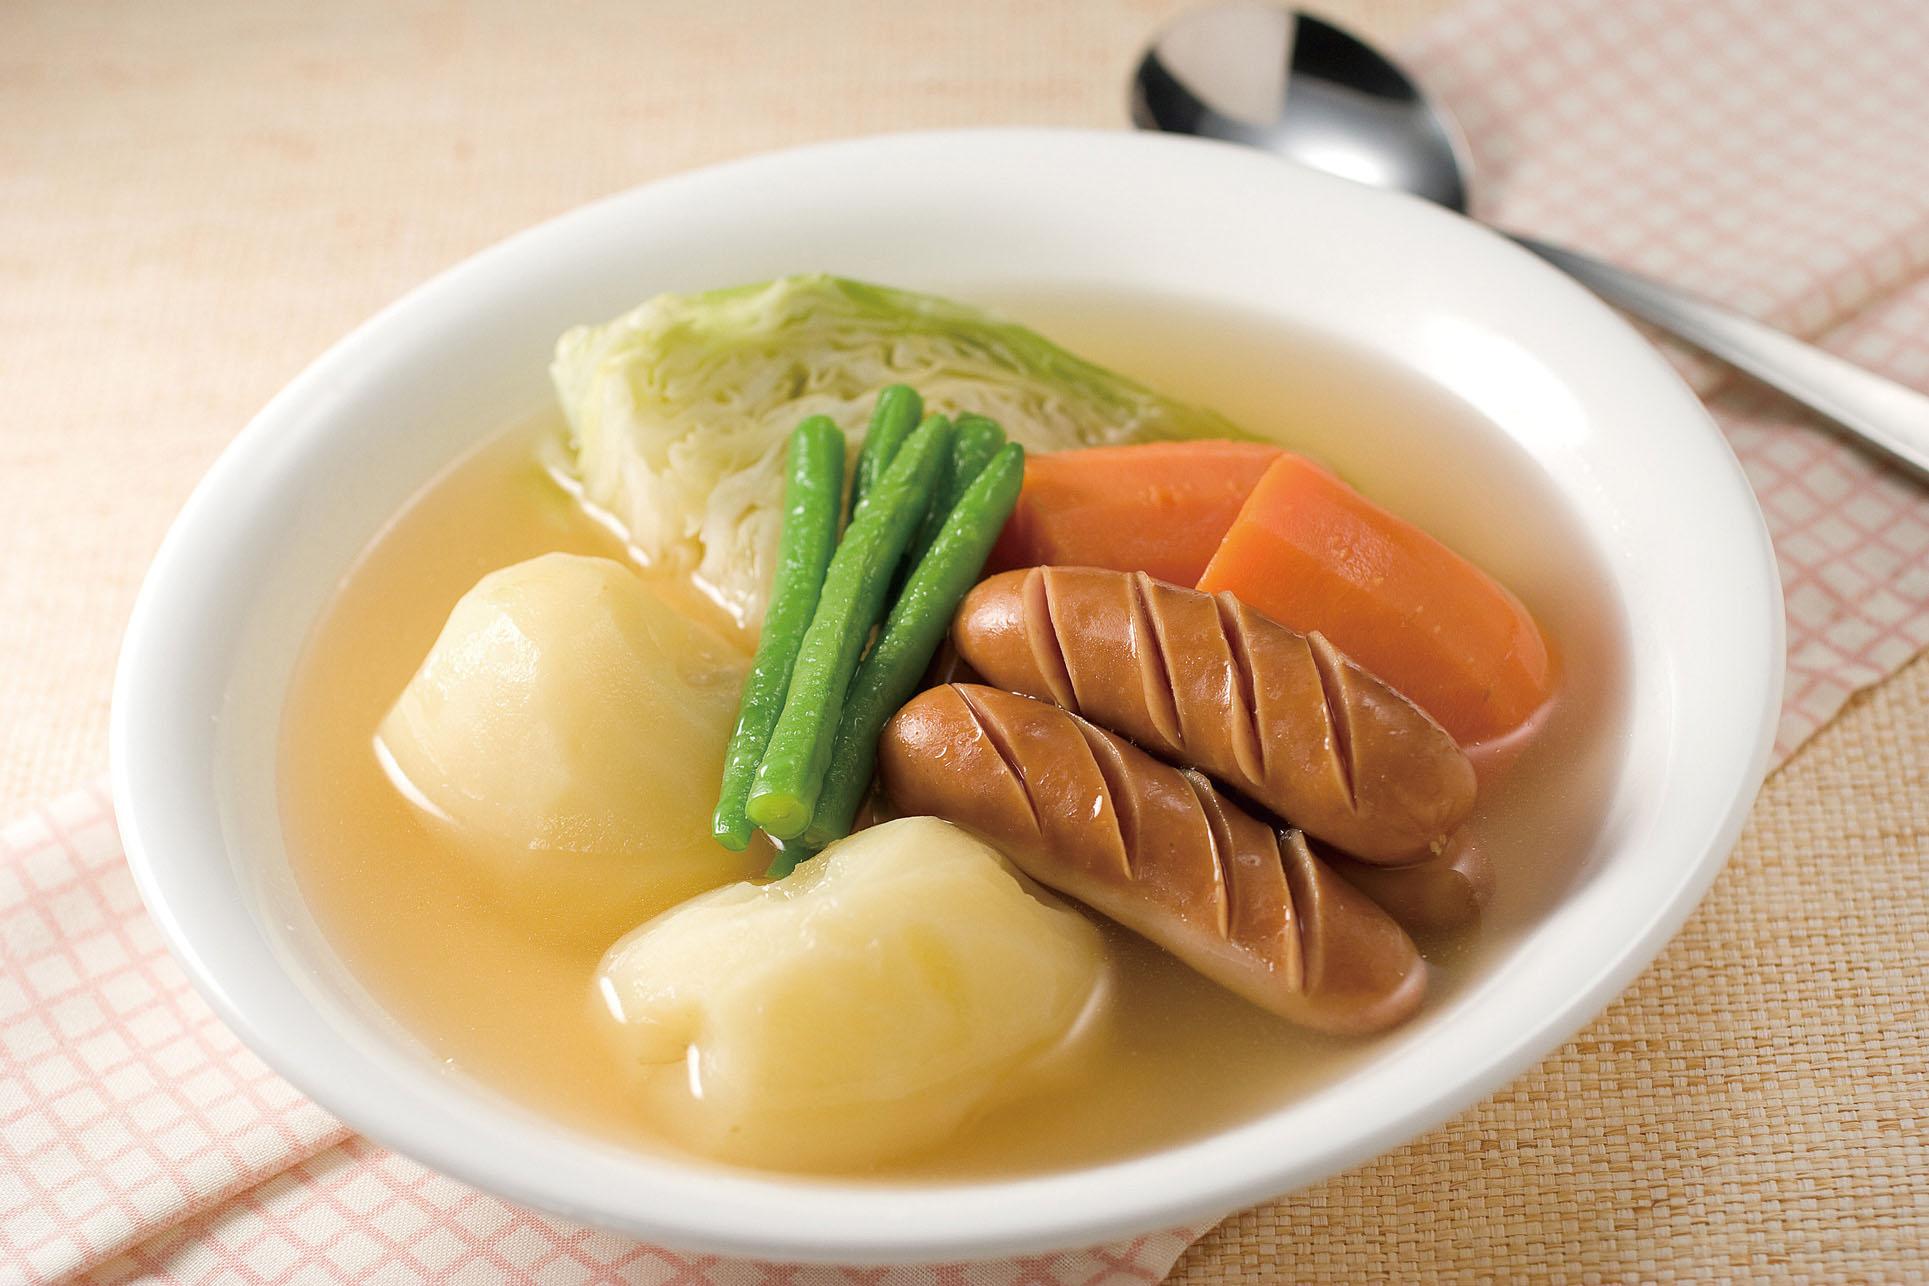 野菜たっぷり!体温まるポトフの美味しい人気レシピをご紹介♪のサムネイル画像